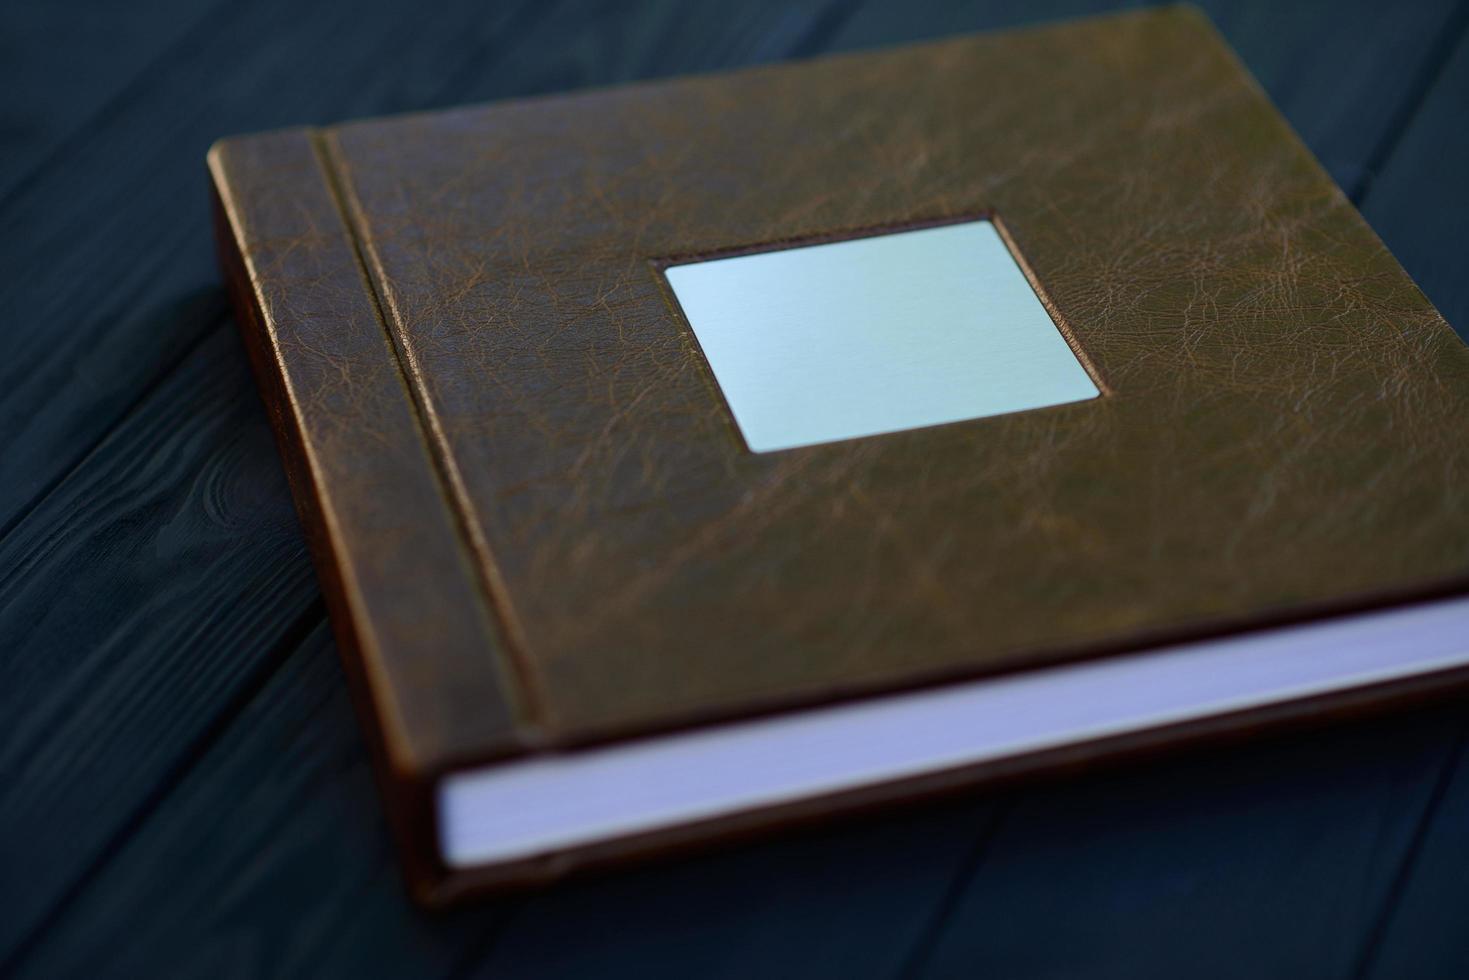 een metalen naamplaatje op de omslag van een bruinleren fotoboek op een zwarte houten ondergrond. foto